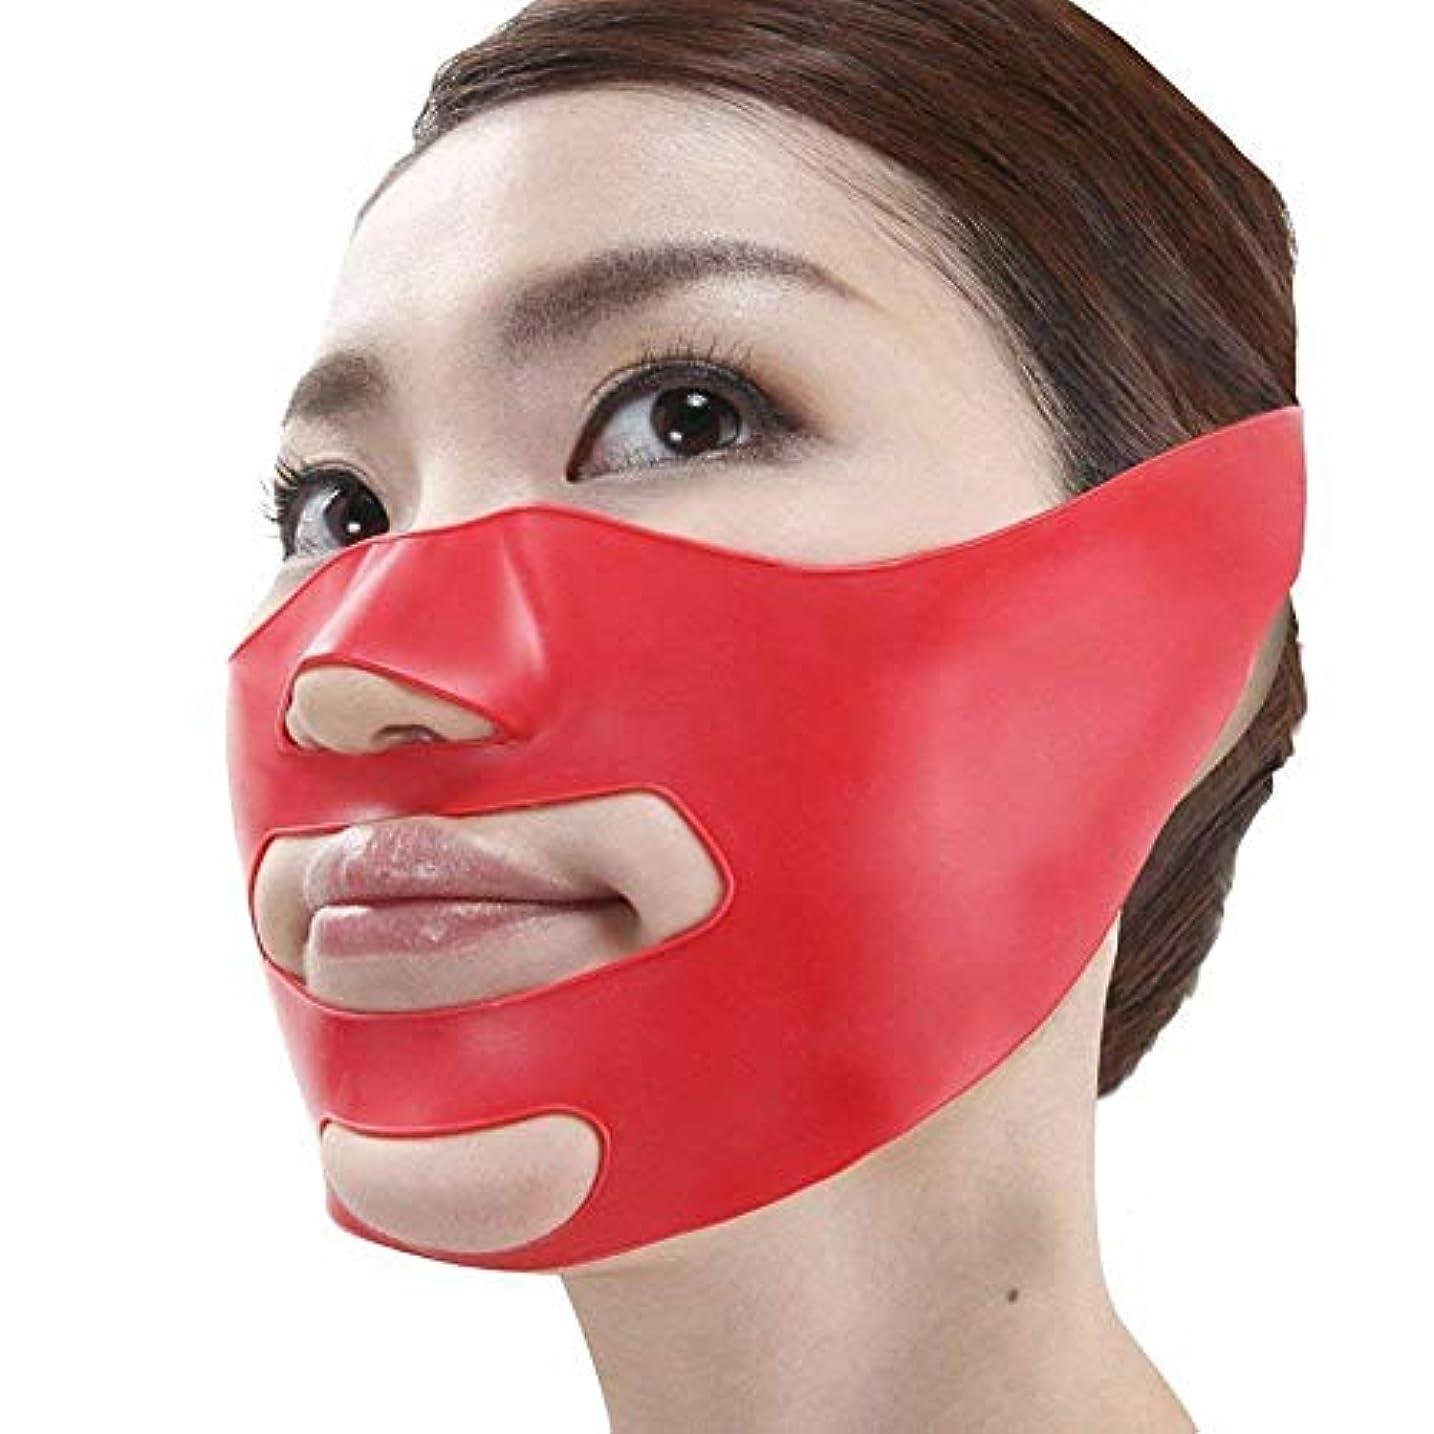 シェルシードバイバイ小顔矯正 マスク 小顔補正ベルト ほうれい線 リフトスリムマスク 3Dエクササイズマスク 法令線予防 抗シワ サウナマスク 美容グッ (フリーサイズ)